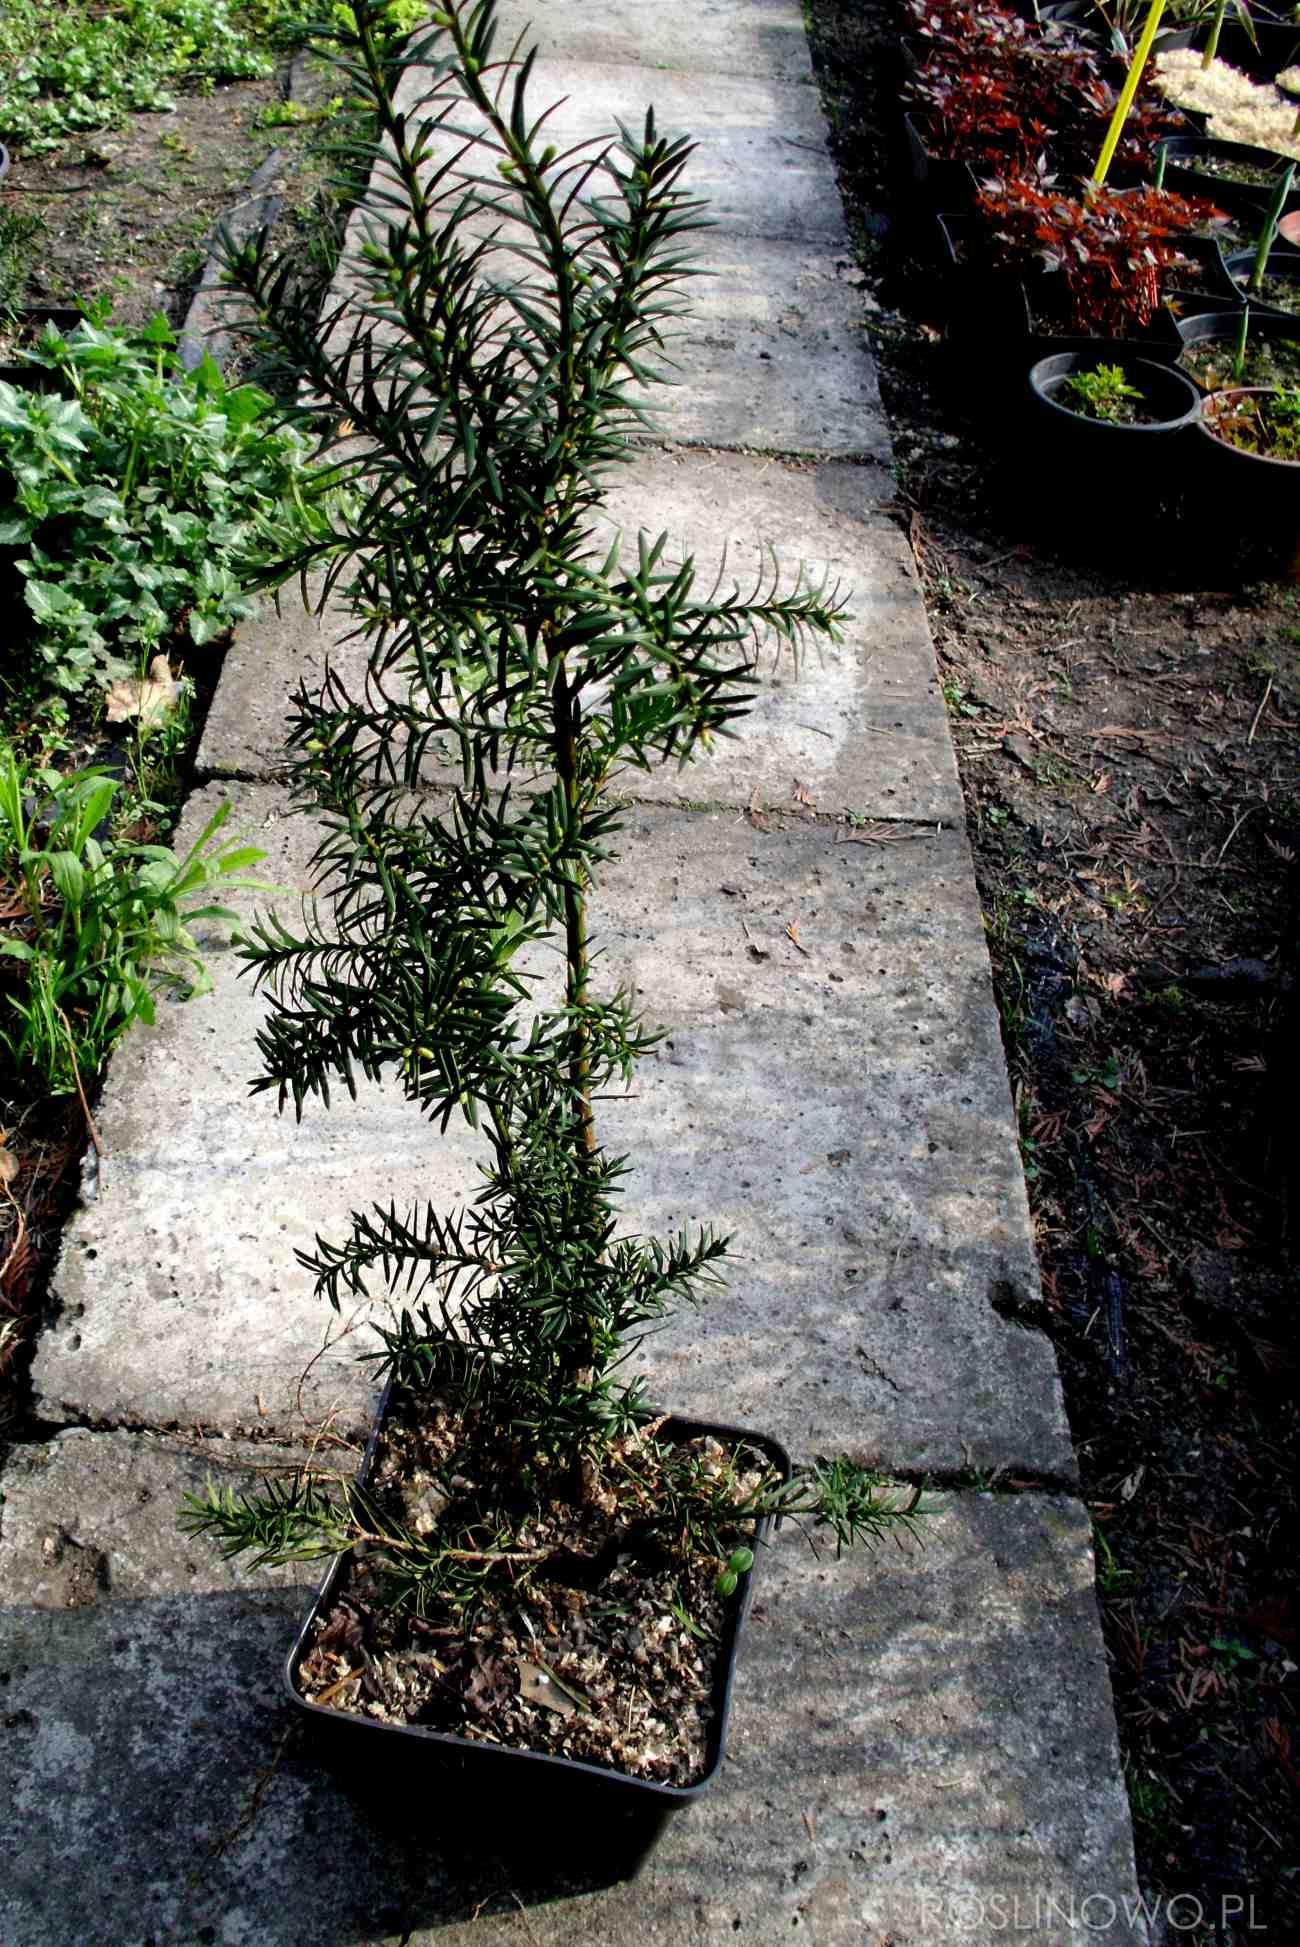 cis pośredni - iglasty krzew ogrodowy o ozdobnym pokroju